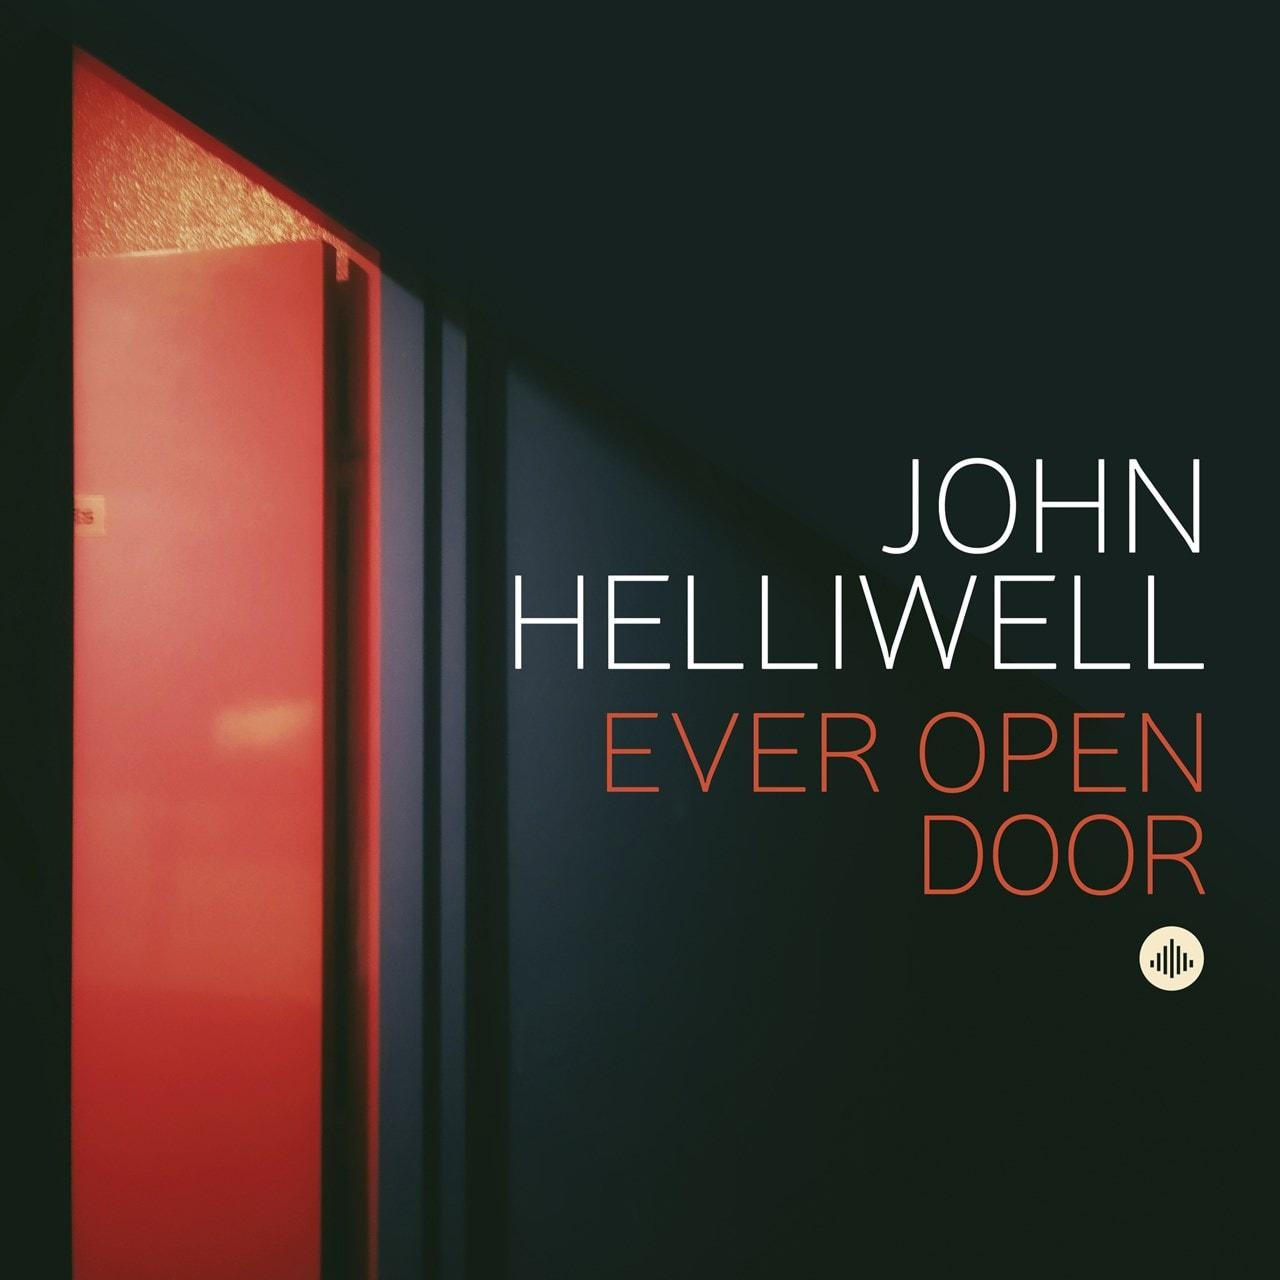 Ever Open Door - 1